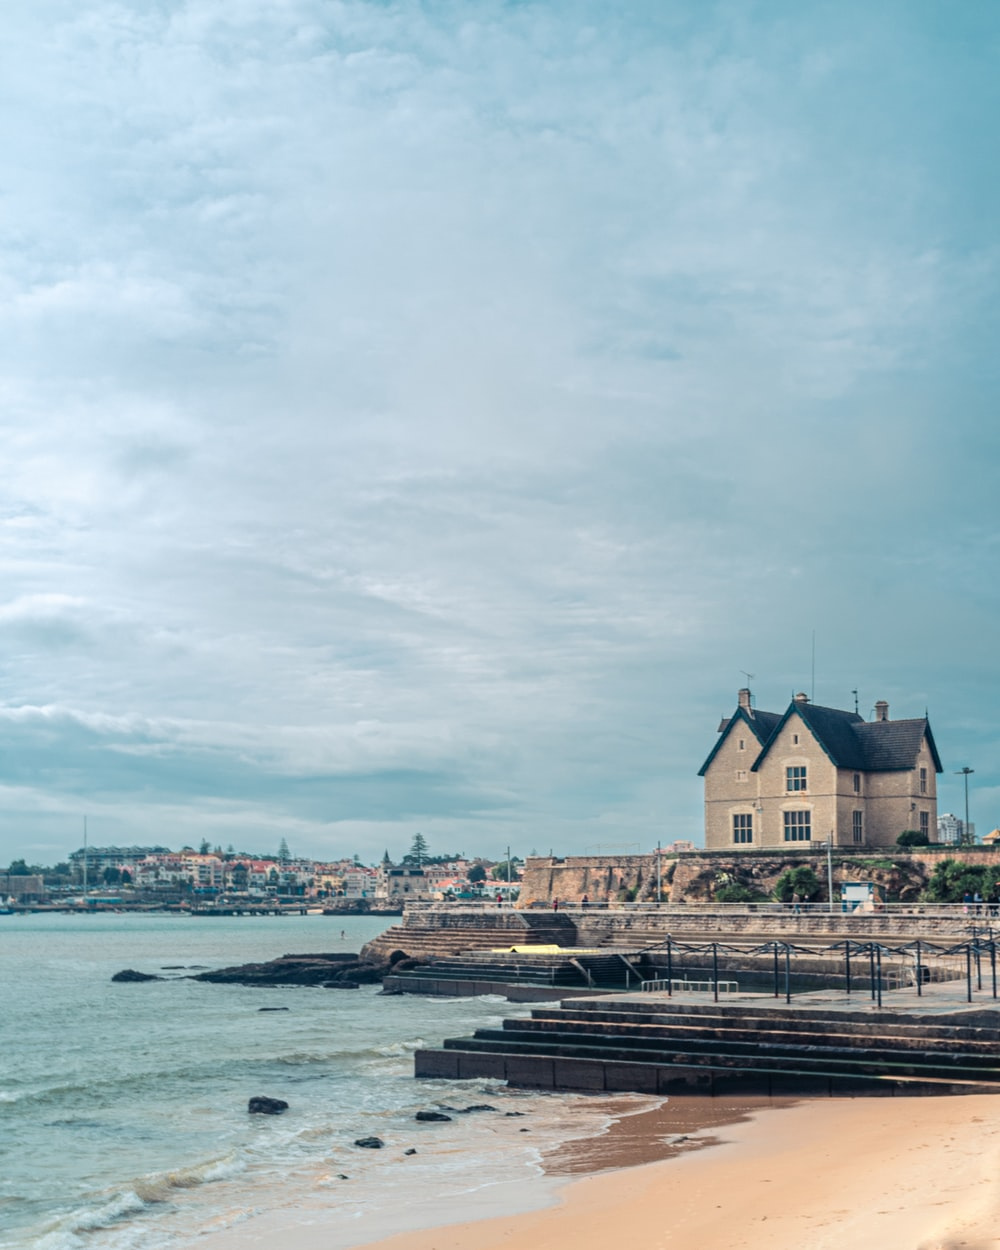 a house by the sea under a calm blue sky